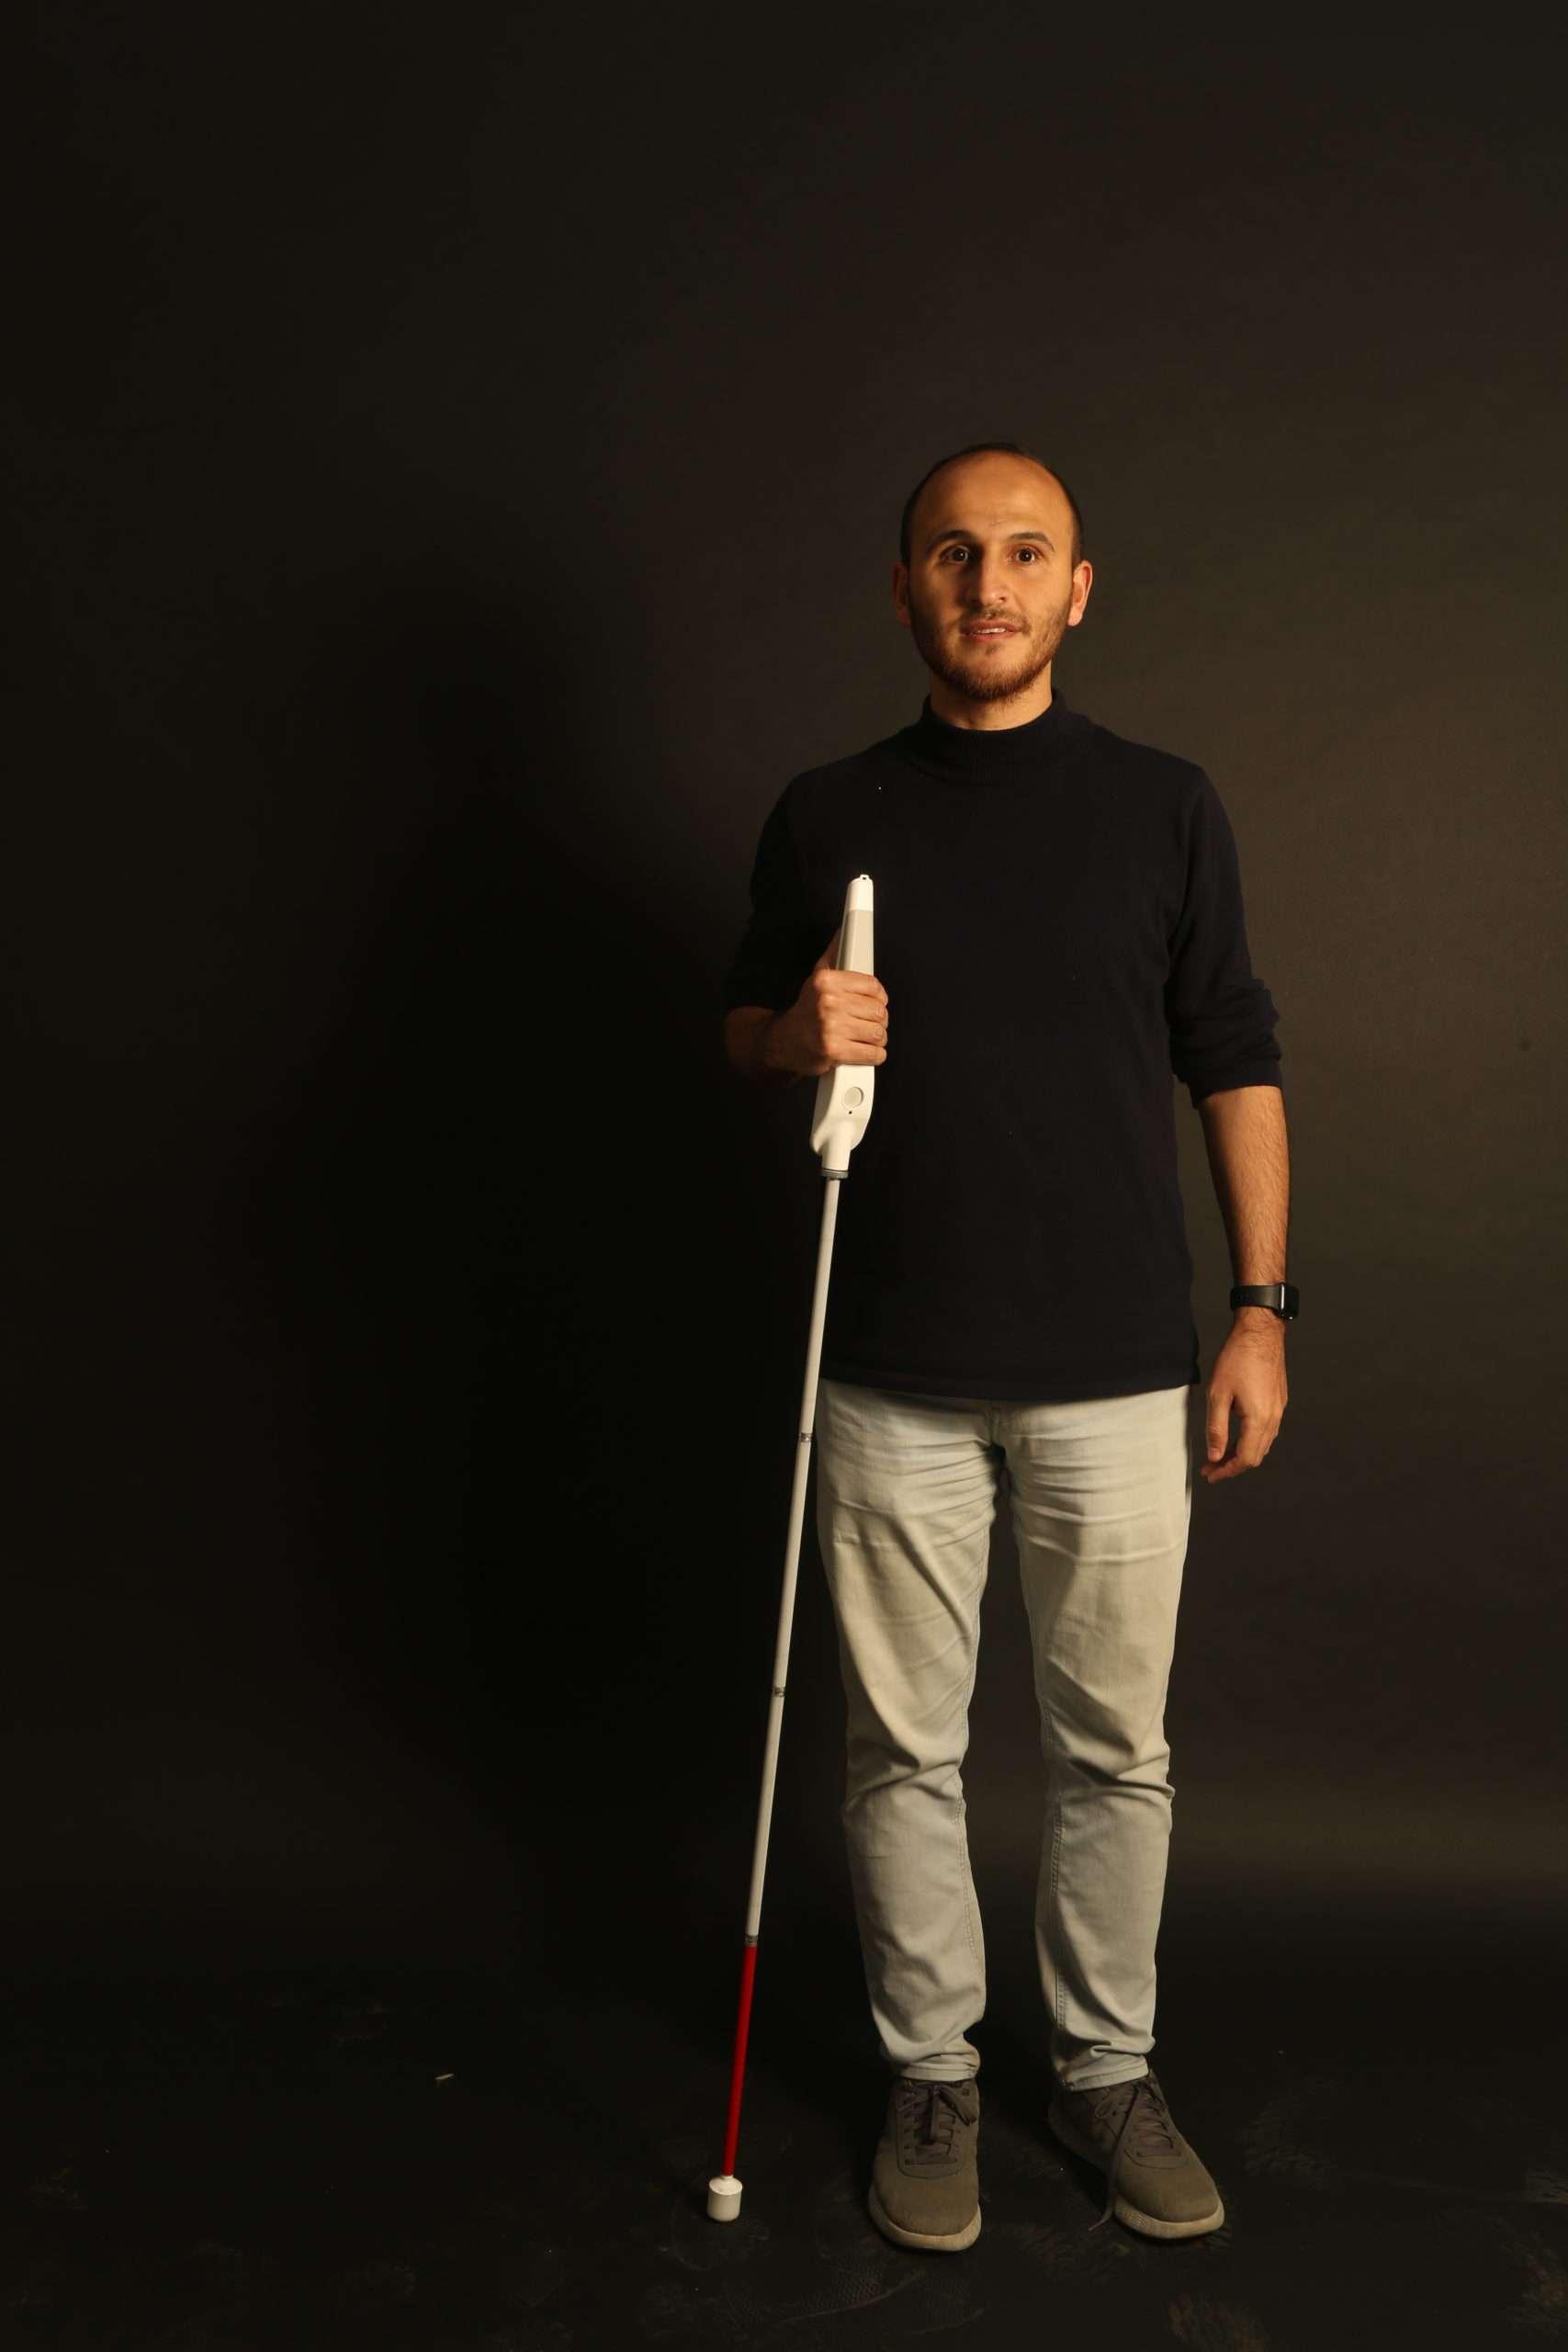 Mais autonomia para os deficientes visuais